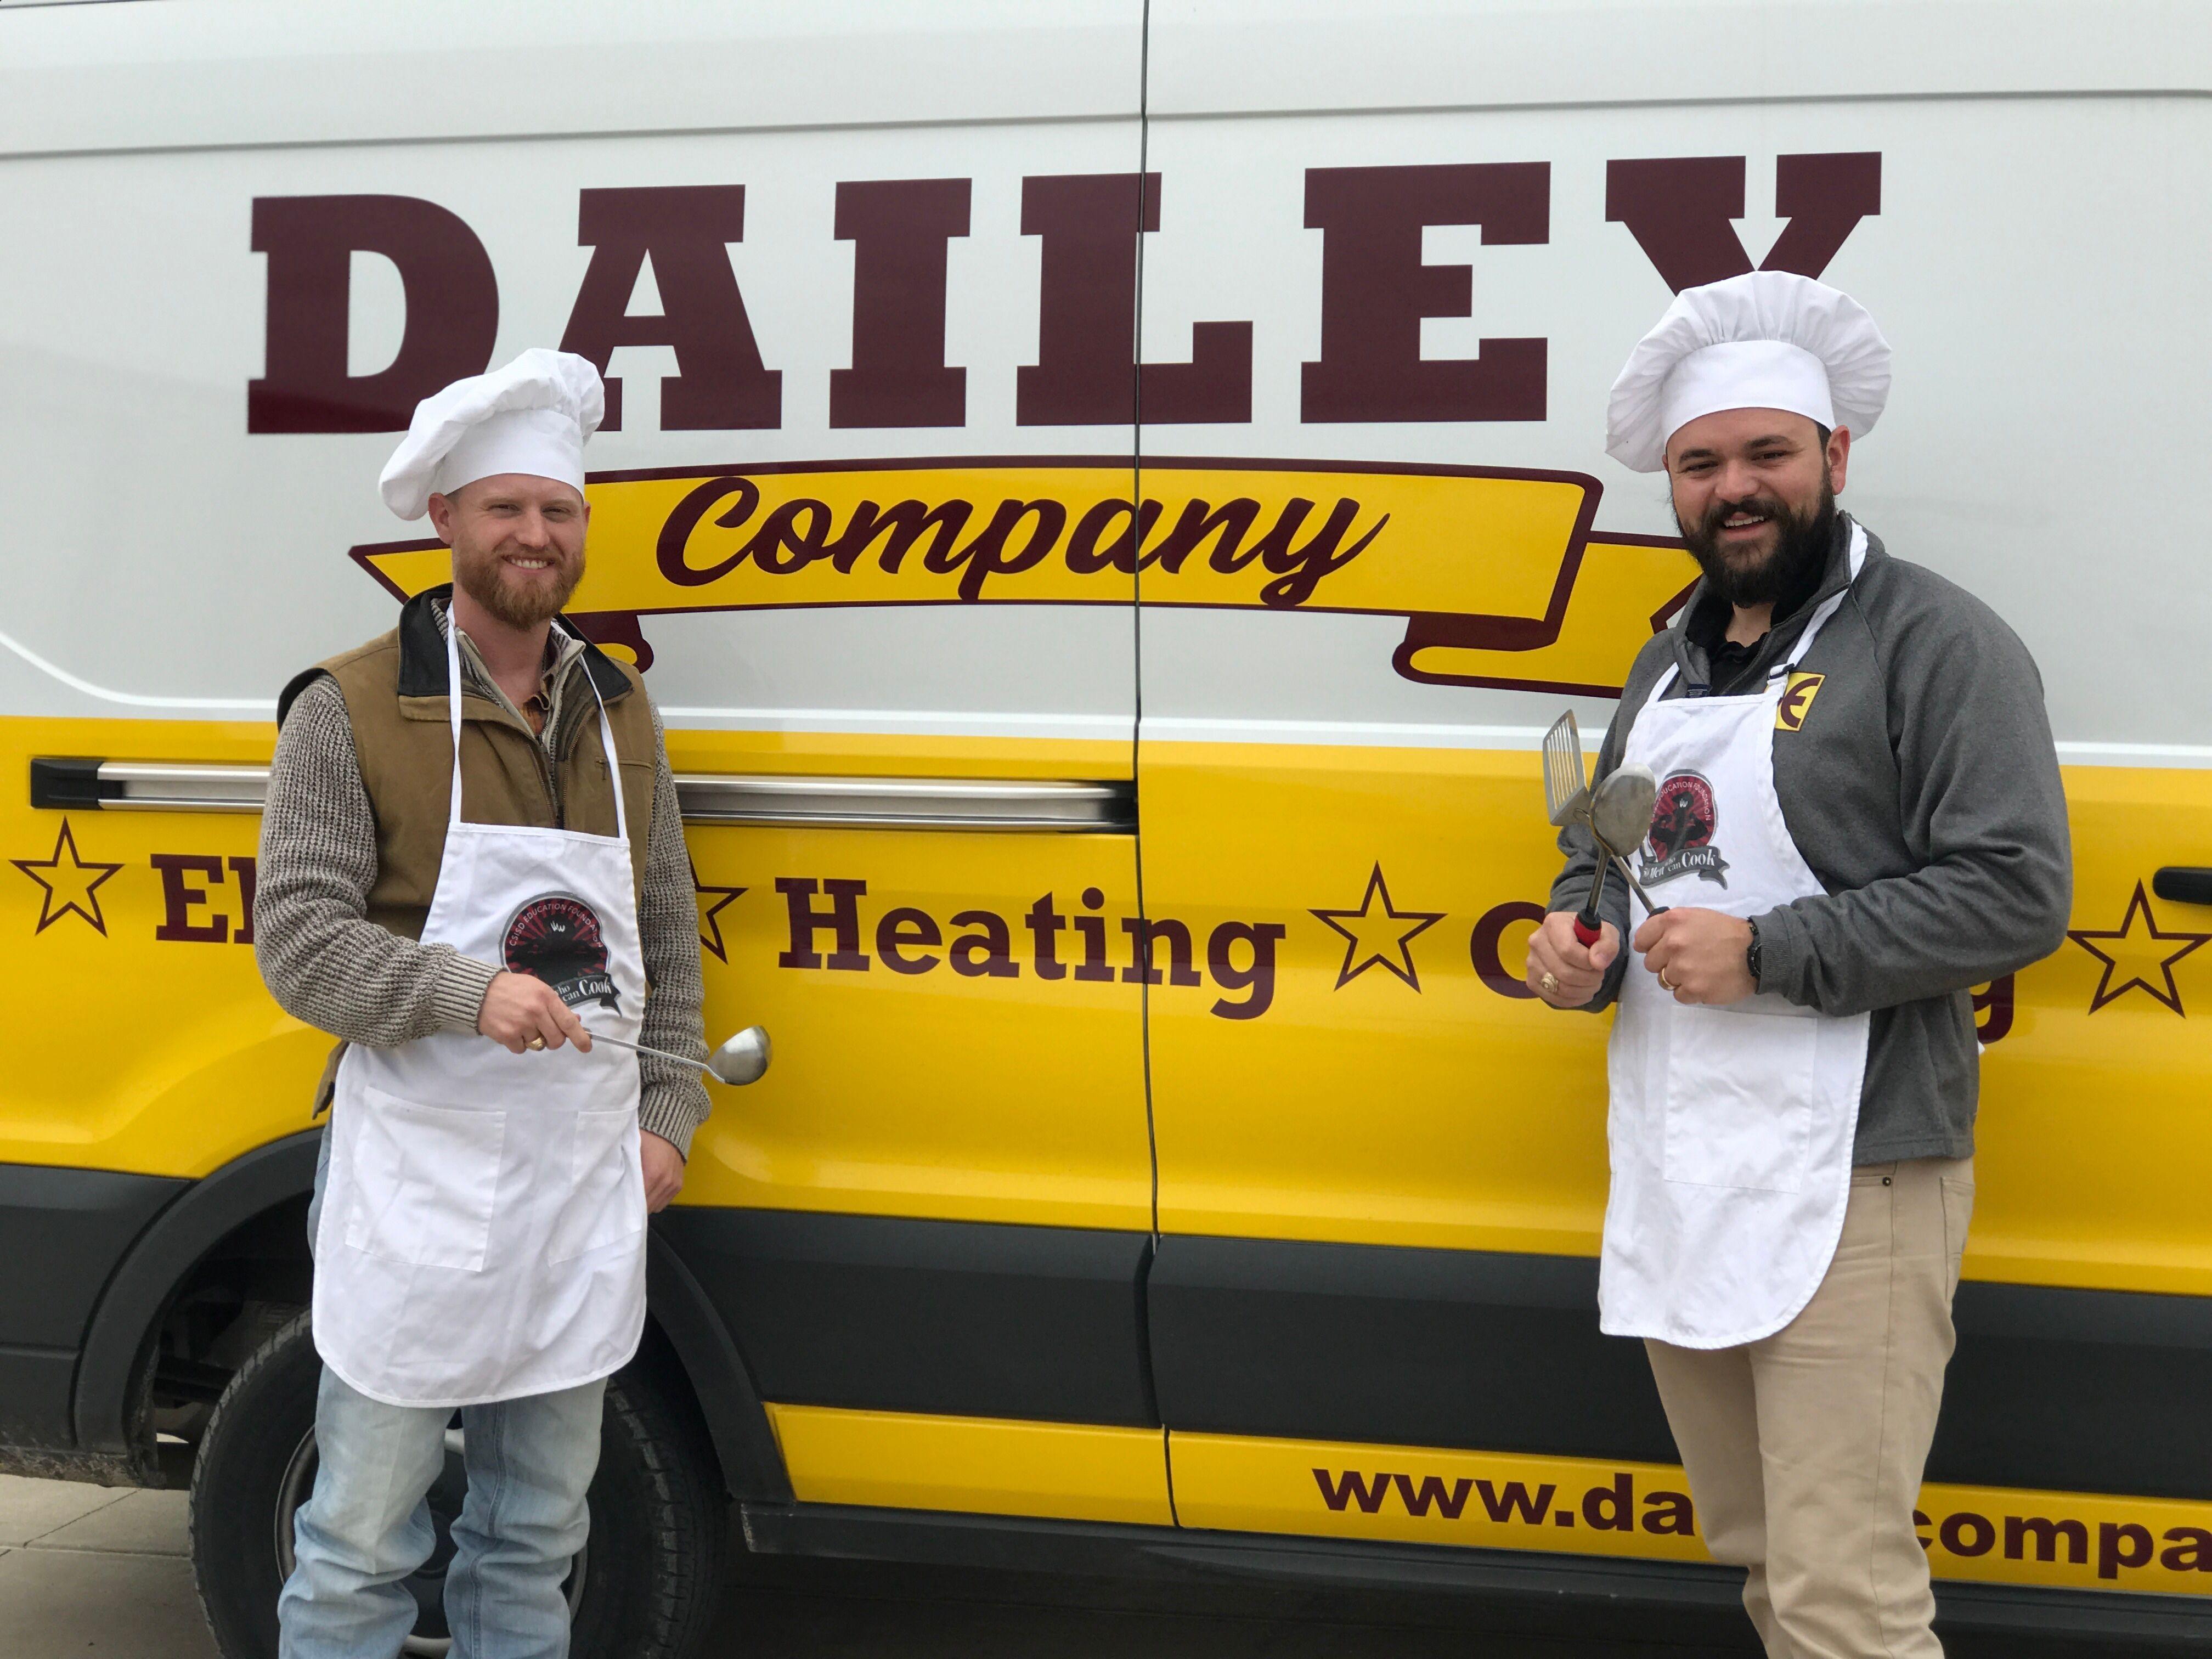 Dailey Company